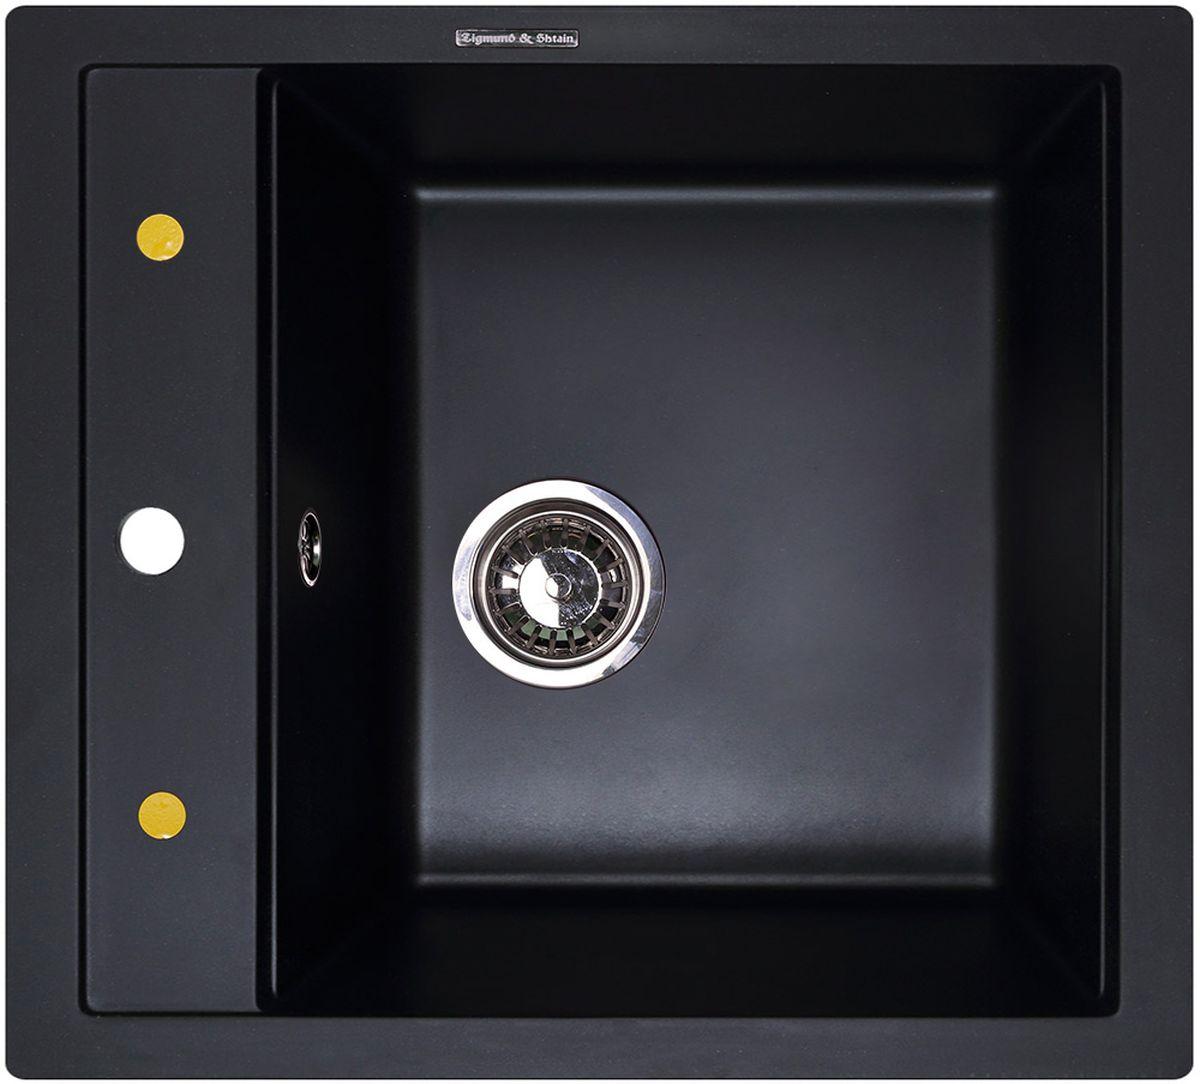 """Мойка кухонная Zigmund & Shtain """"Platz 465"""", врезная, 39,5 x 36 см, цвет: черный базальт"""